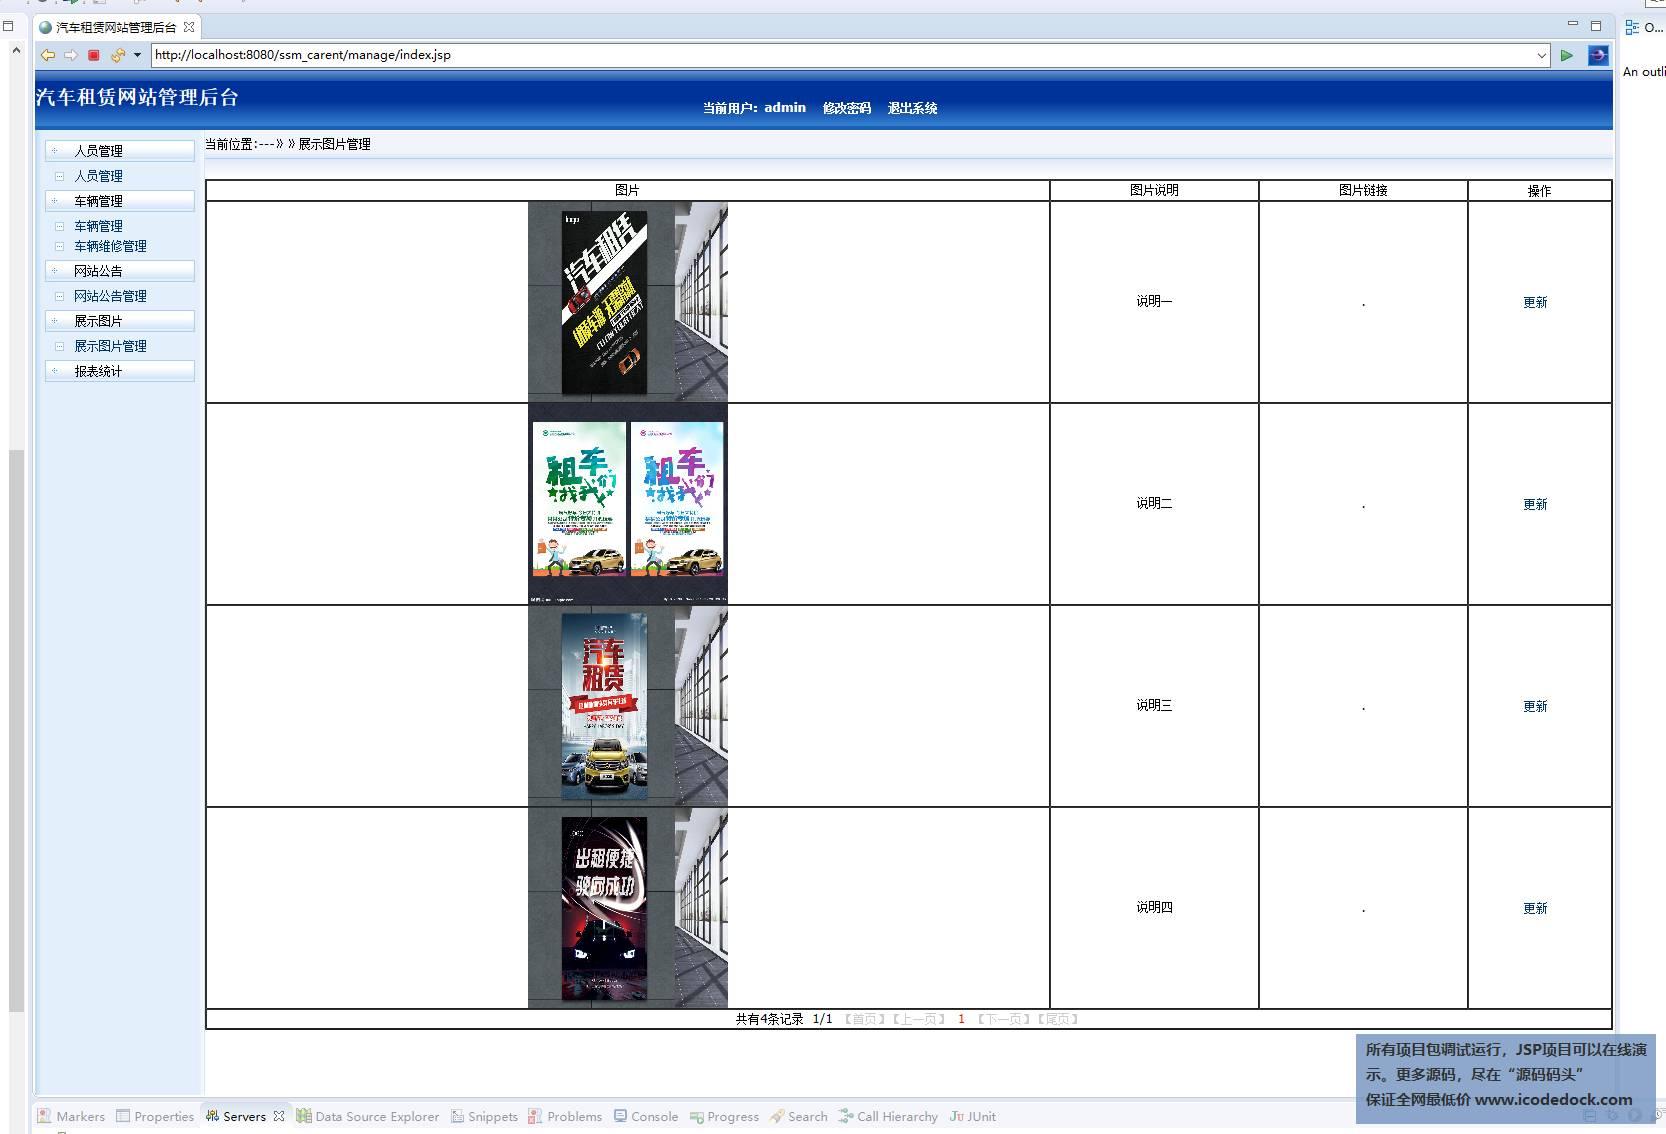 源码码头-SSM汽车出租管理系统-管理员角色-图片管理